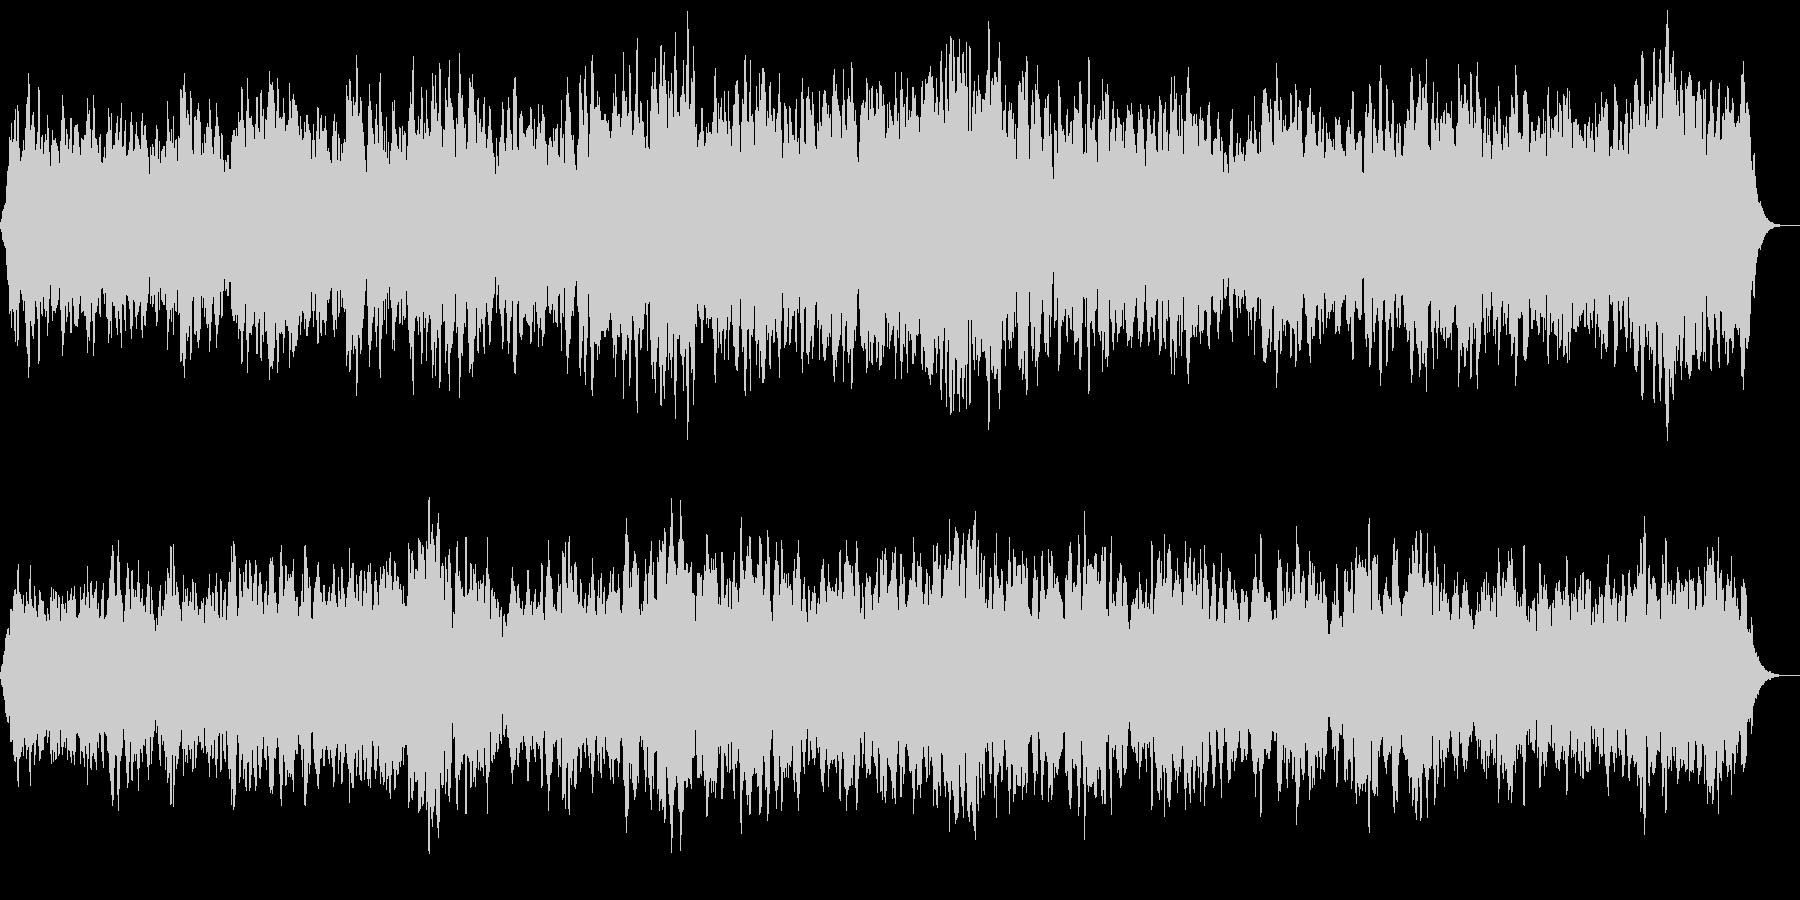 清らかなアカペラ合唱風ヒーリングBGMの未再生の波形